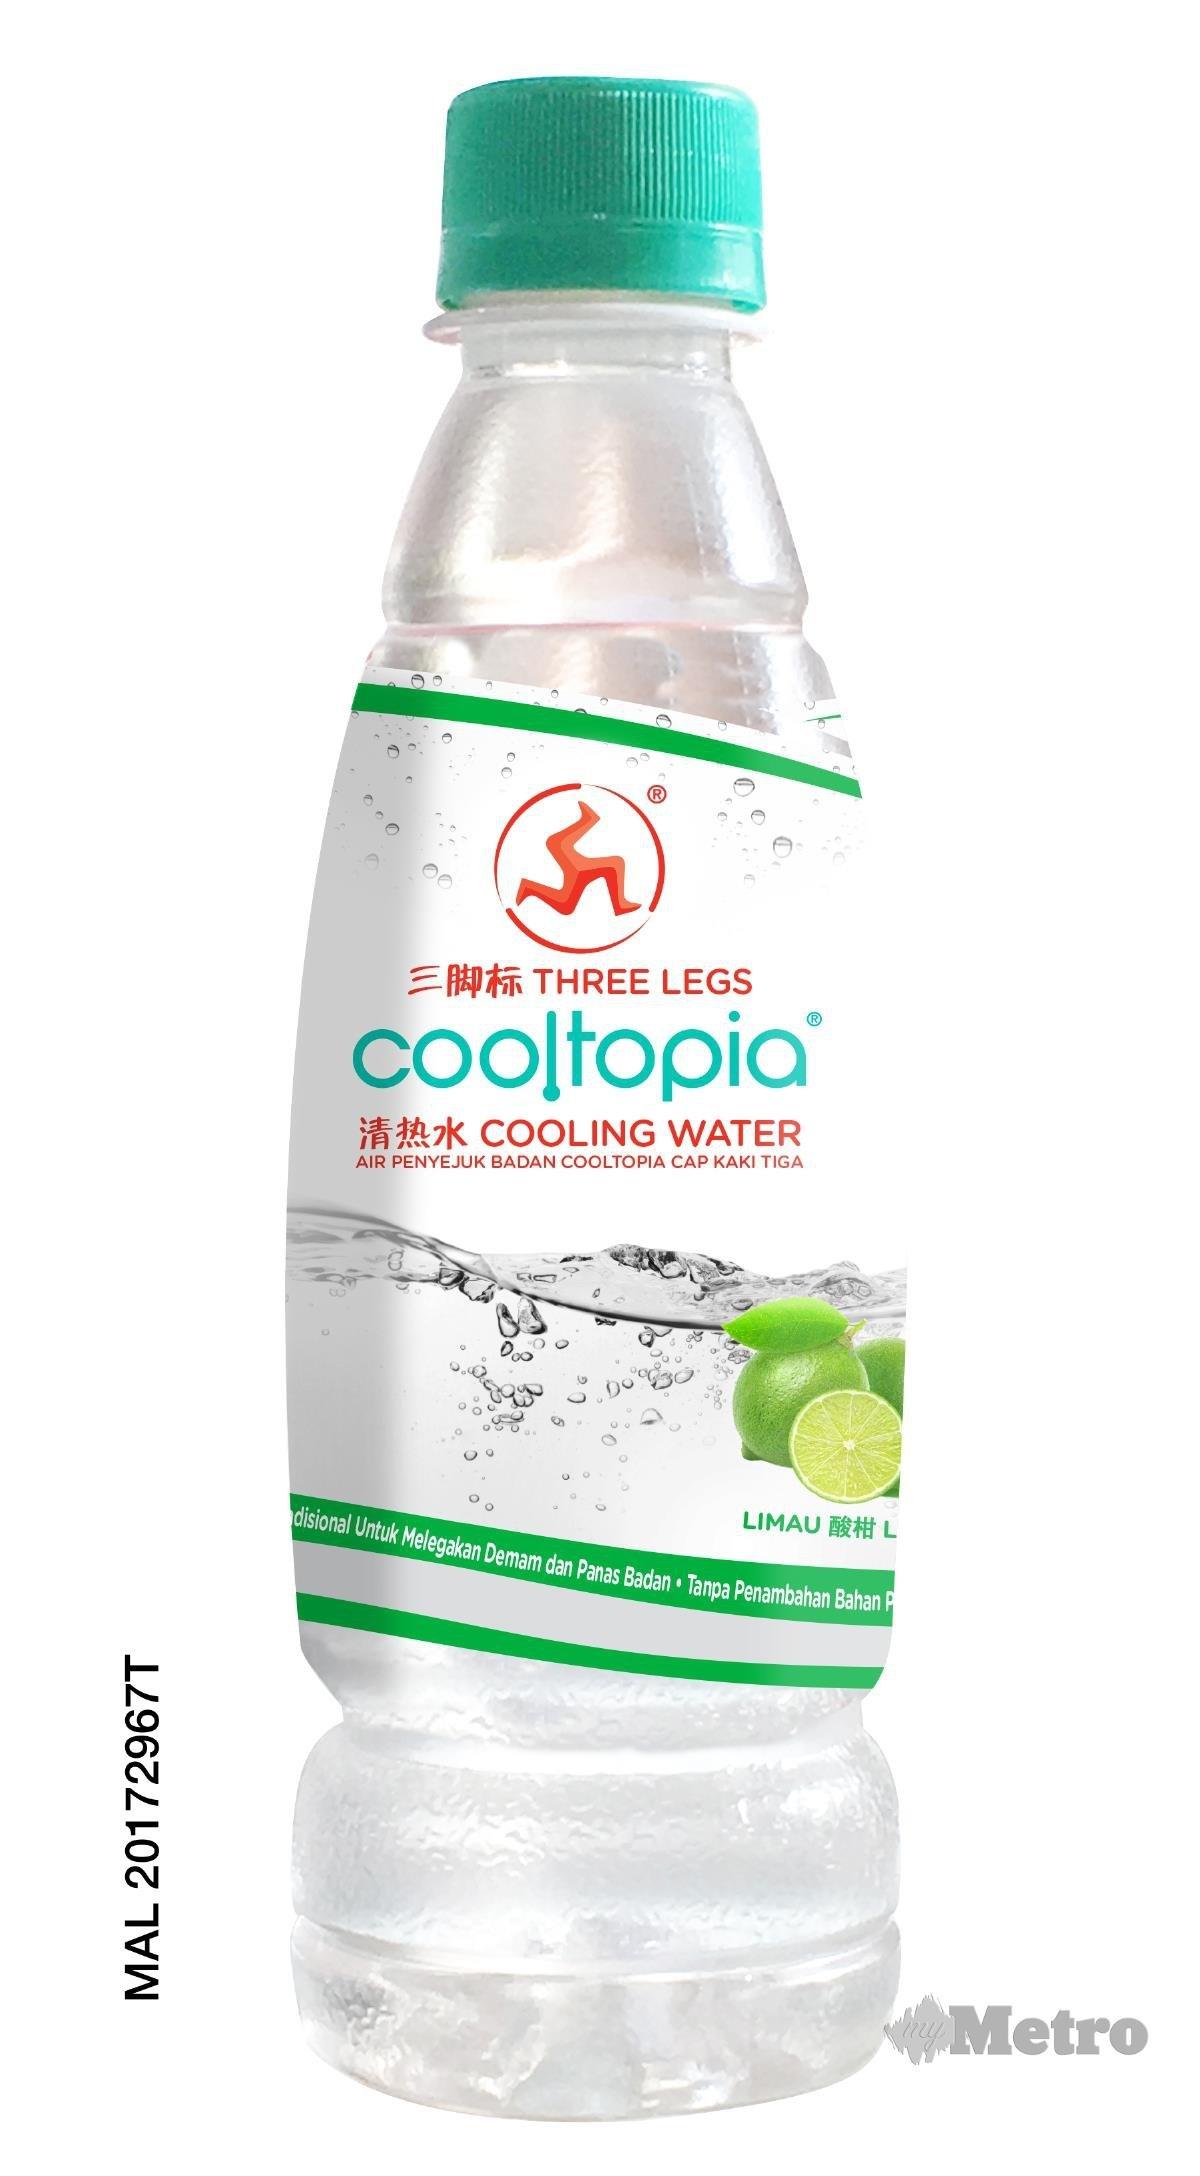 Cooltopia Limau membawa percikan limau yang menyegarkan.